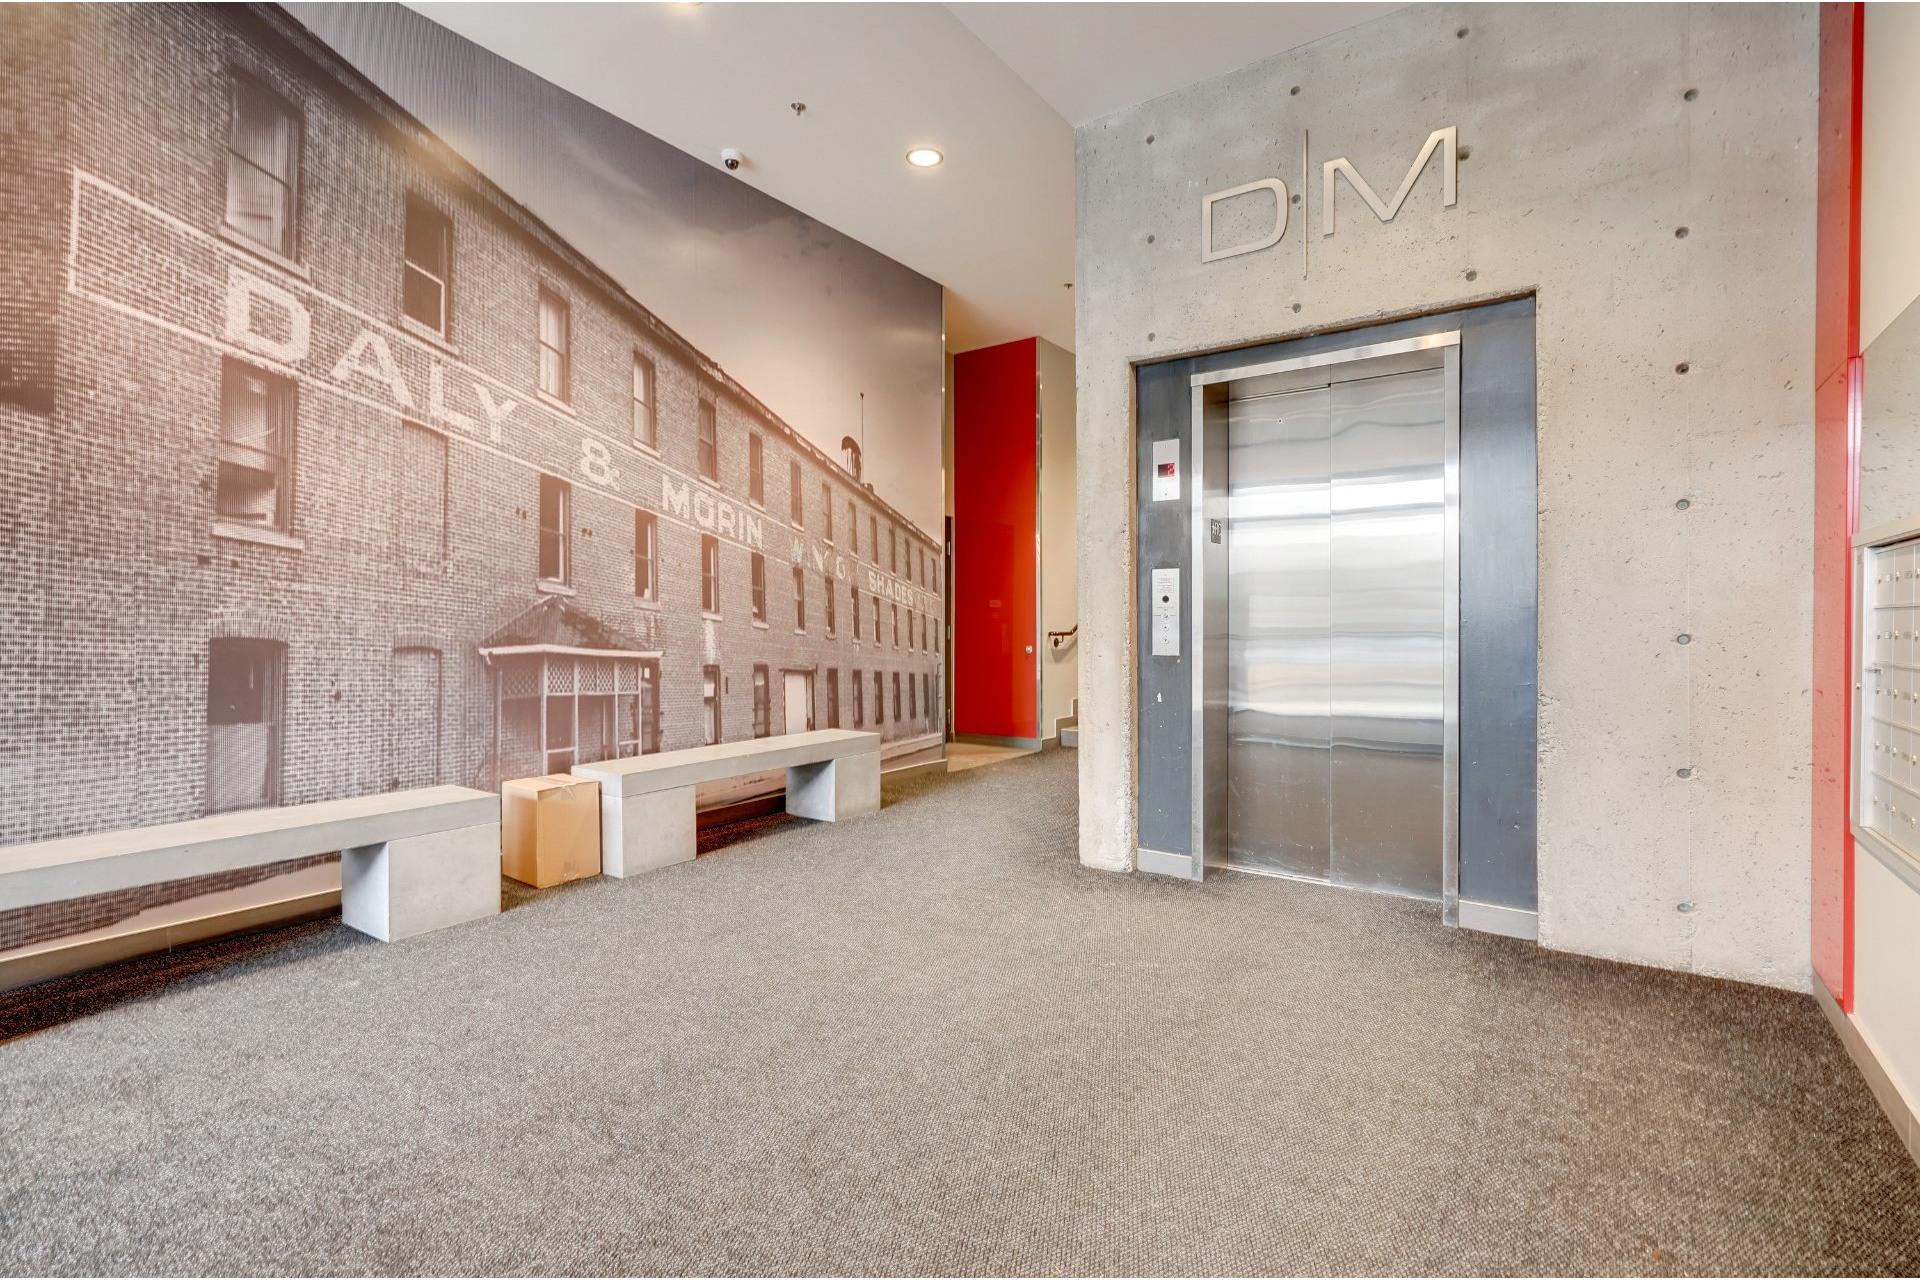 image 19 - Appartement À vendre Lachine Montréal  - 11 pièces